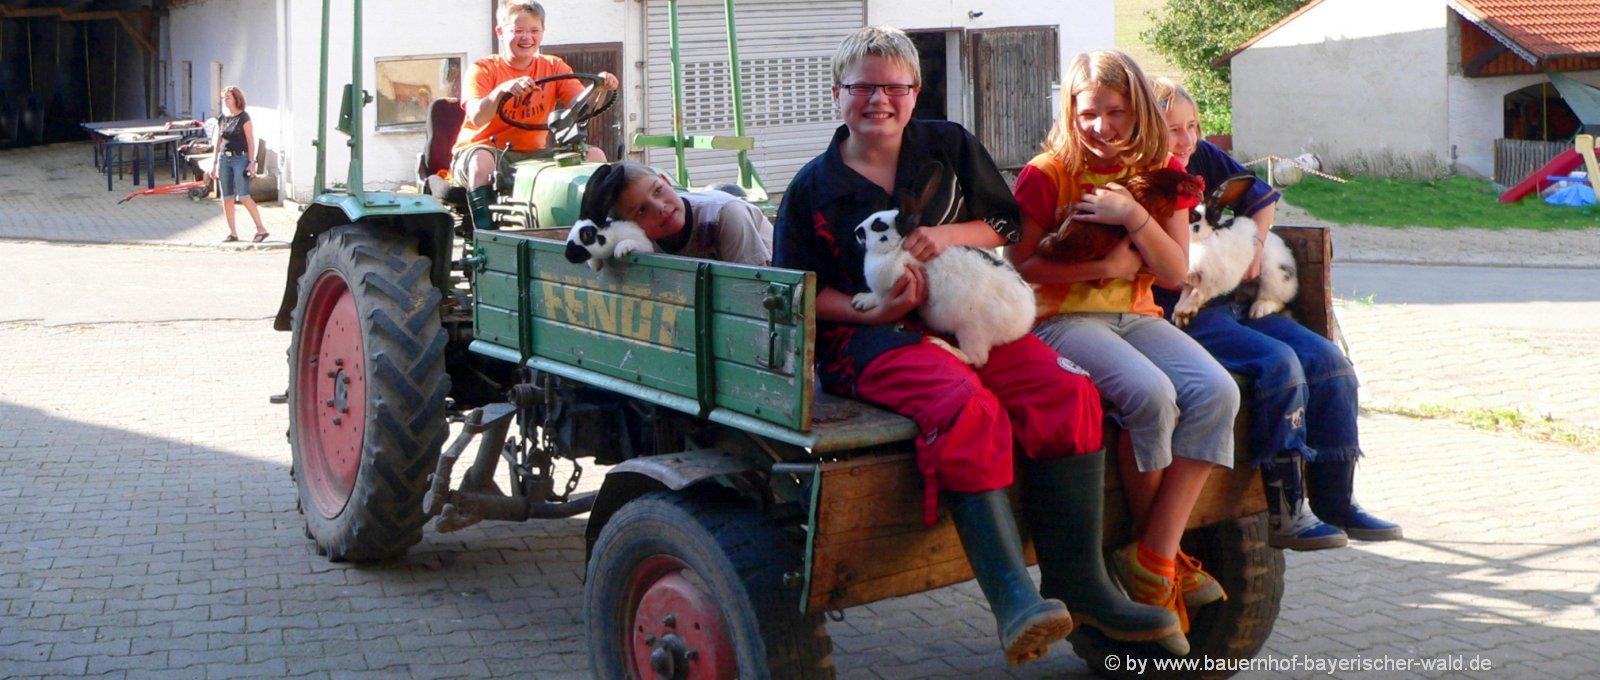 Video vom Bauernhofurlaub Film Familienurlaub und Kinderurlaub Bayerischer Wald